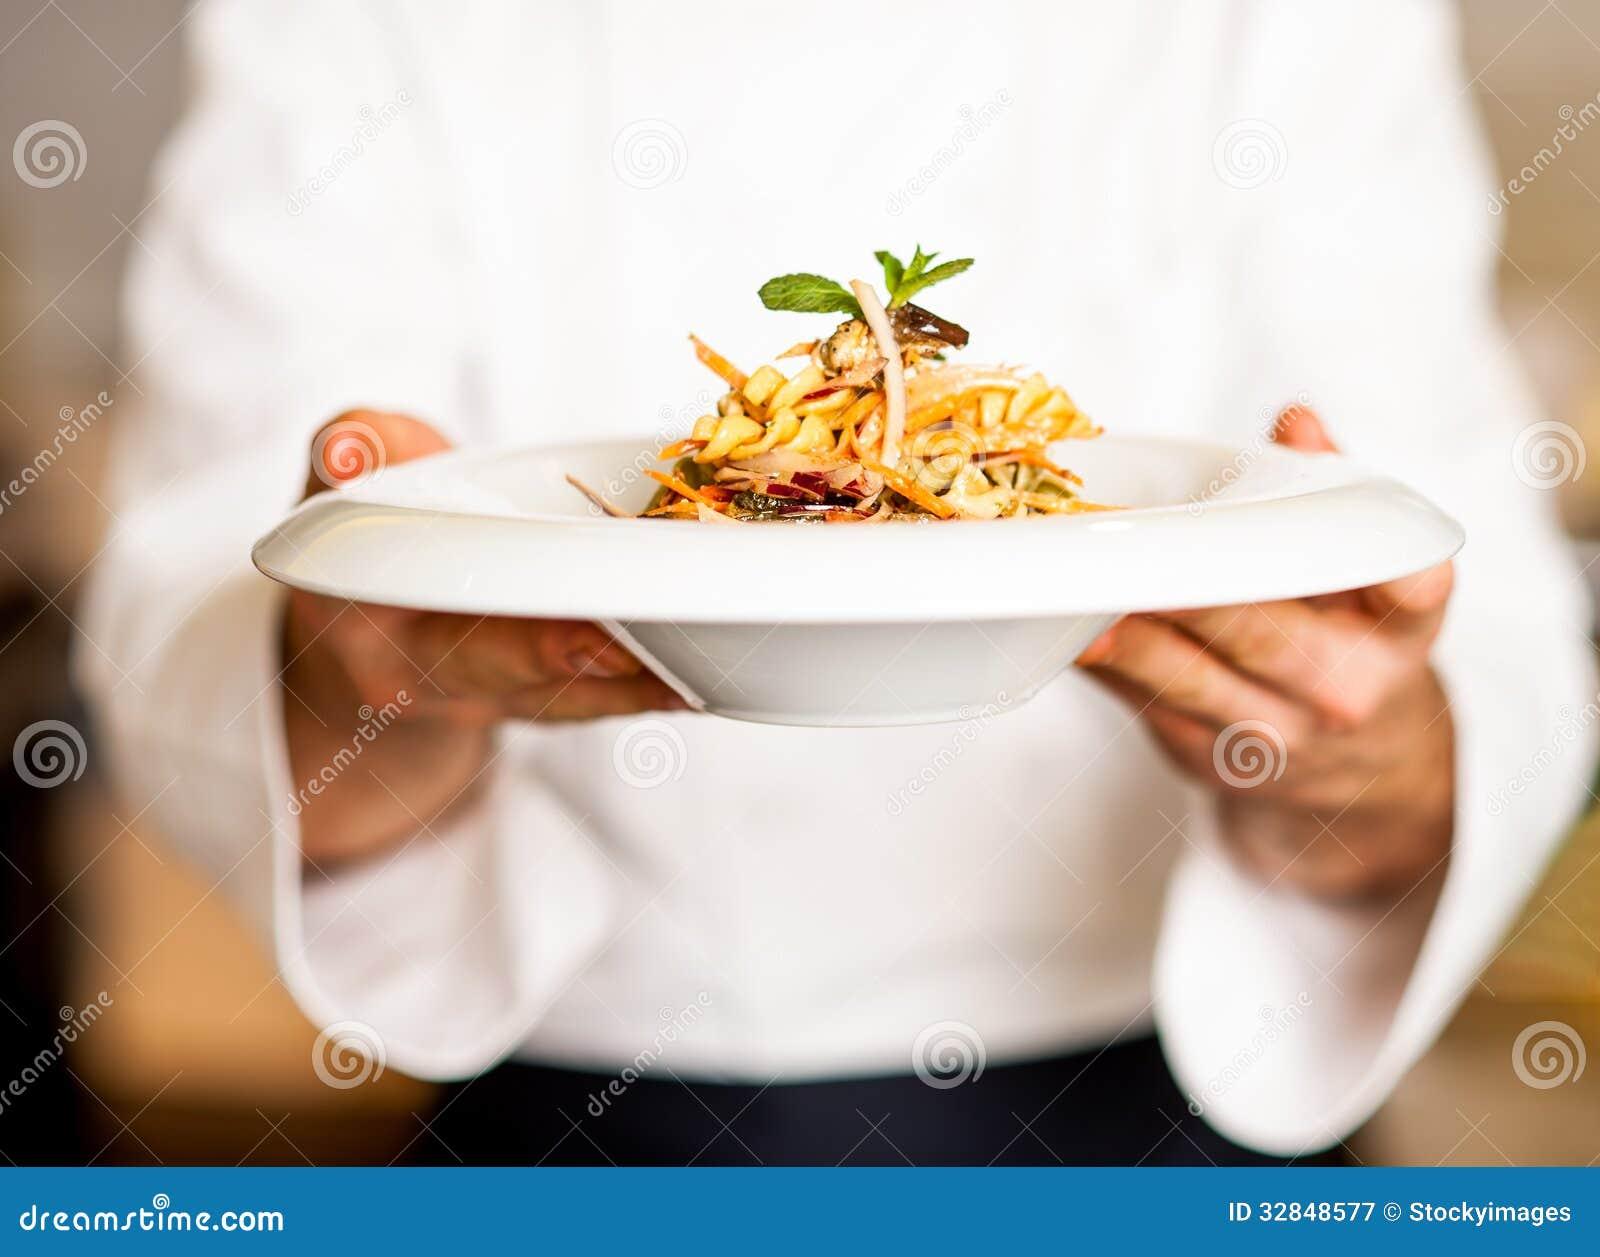 Ensalada de pasta de ofrecimiento del cocinero a usted